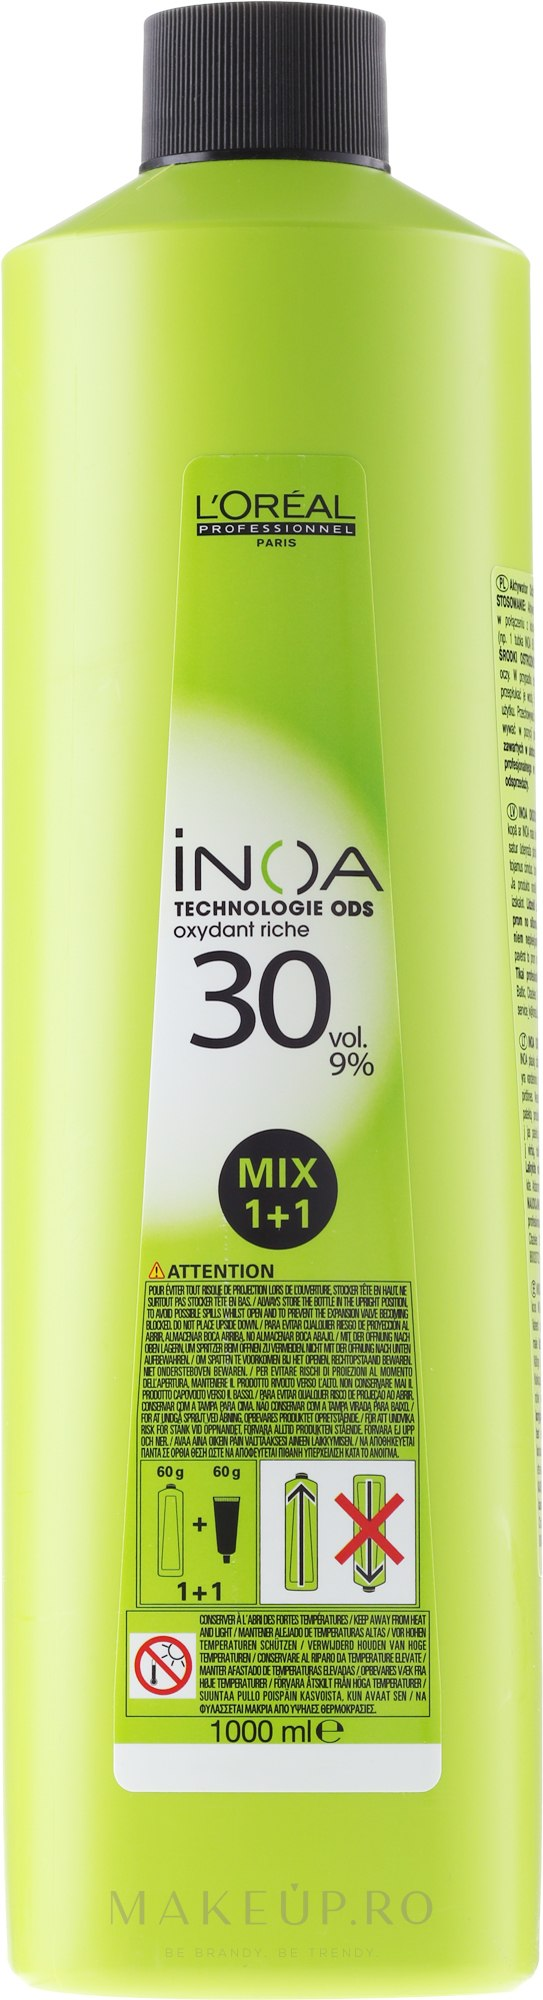 Oxidant - L'Oreal Professionnel Inoa Oxydant 9% 30 vol. Mix 1+1 — Imagine 1000 ml